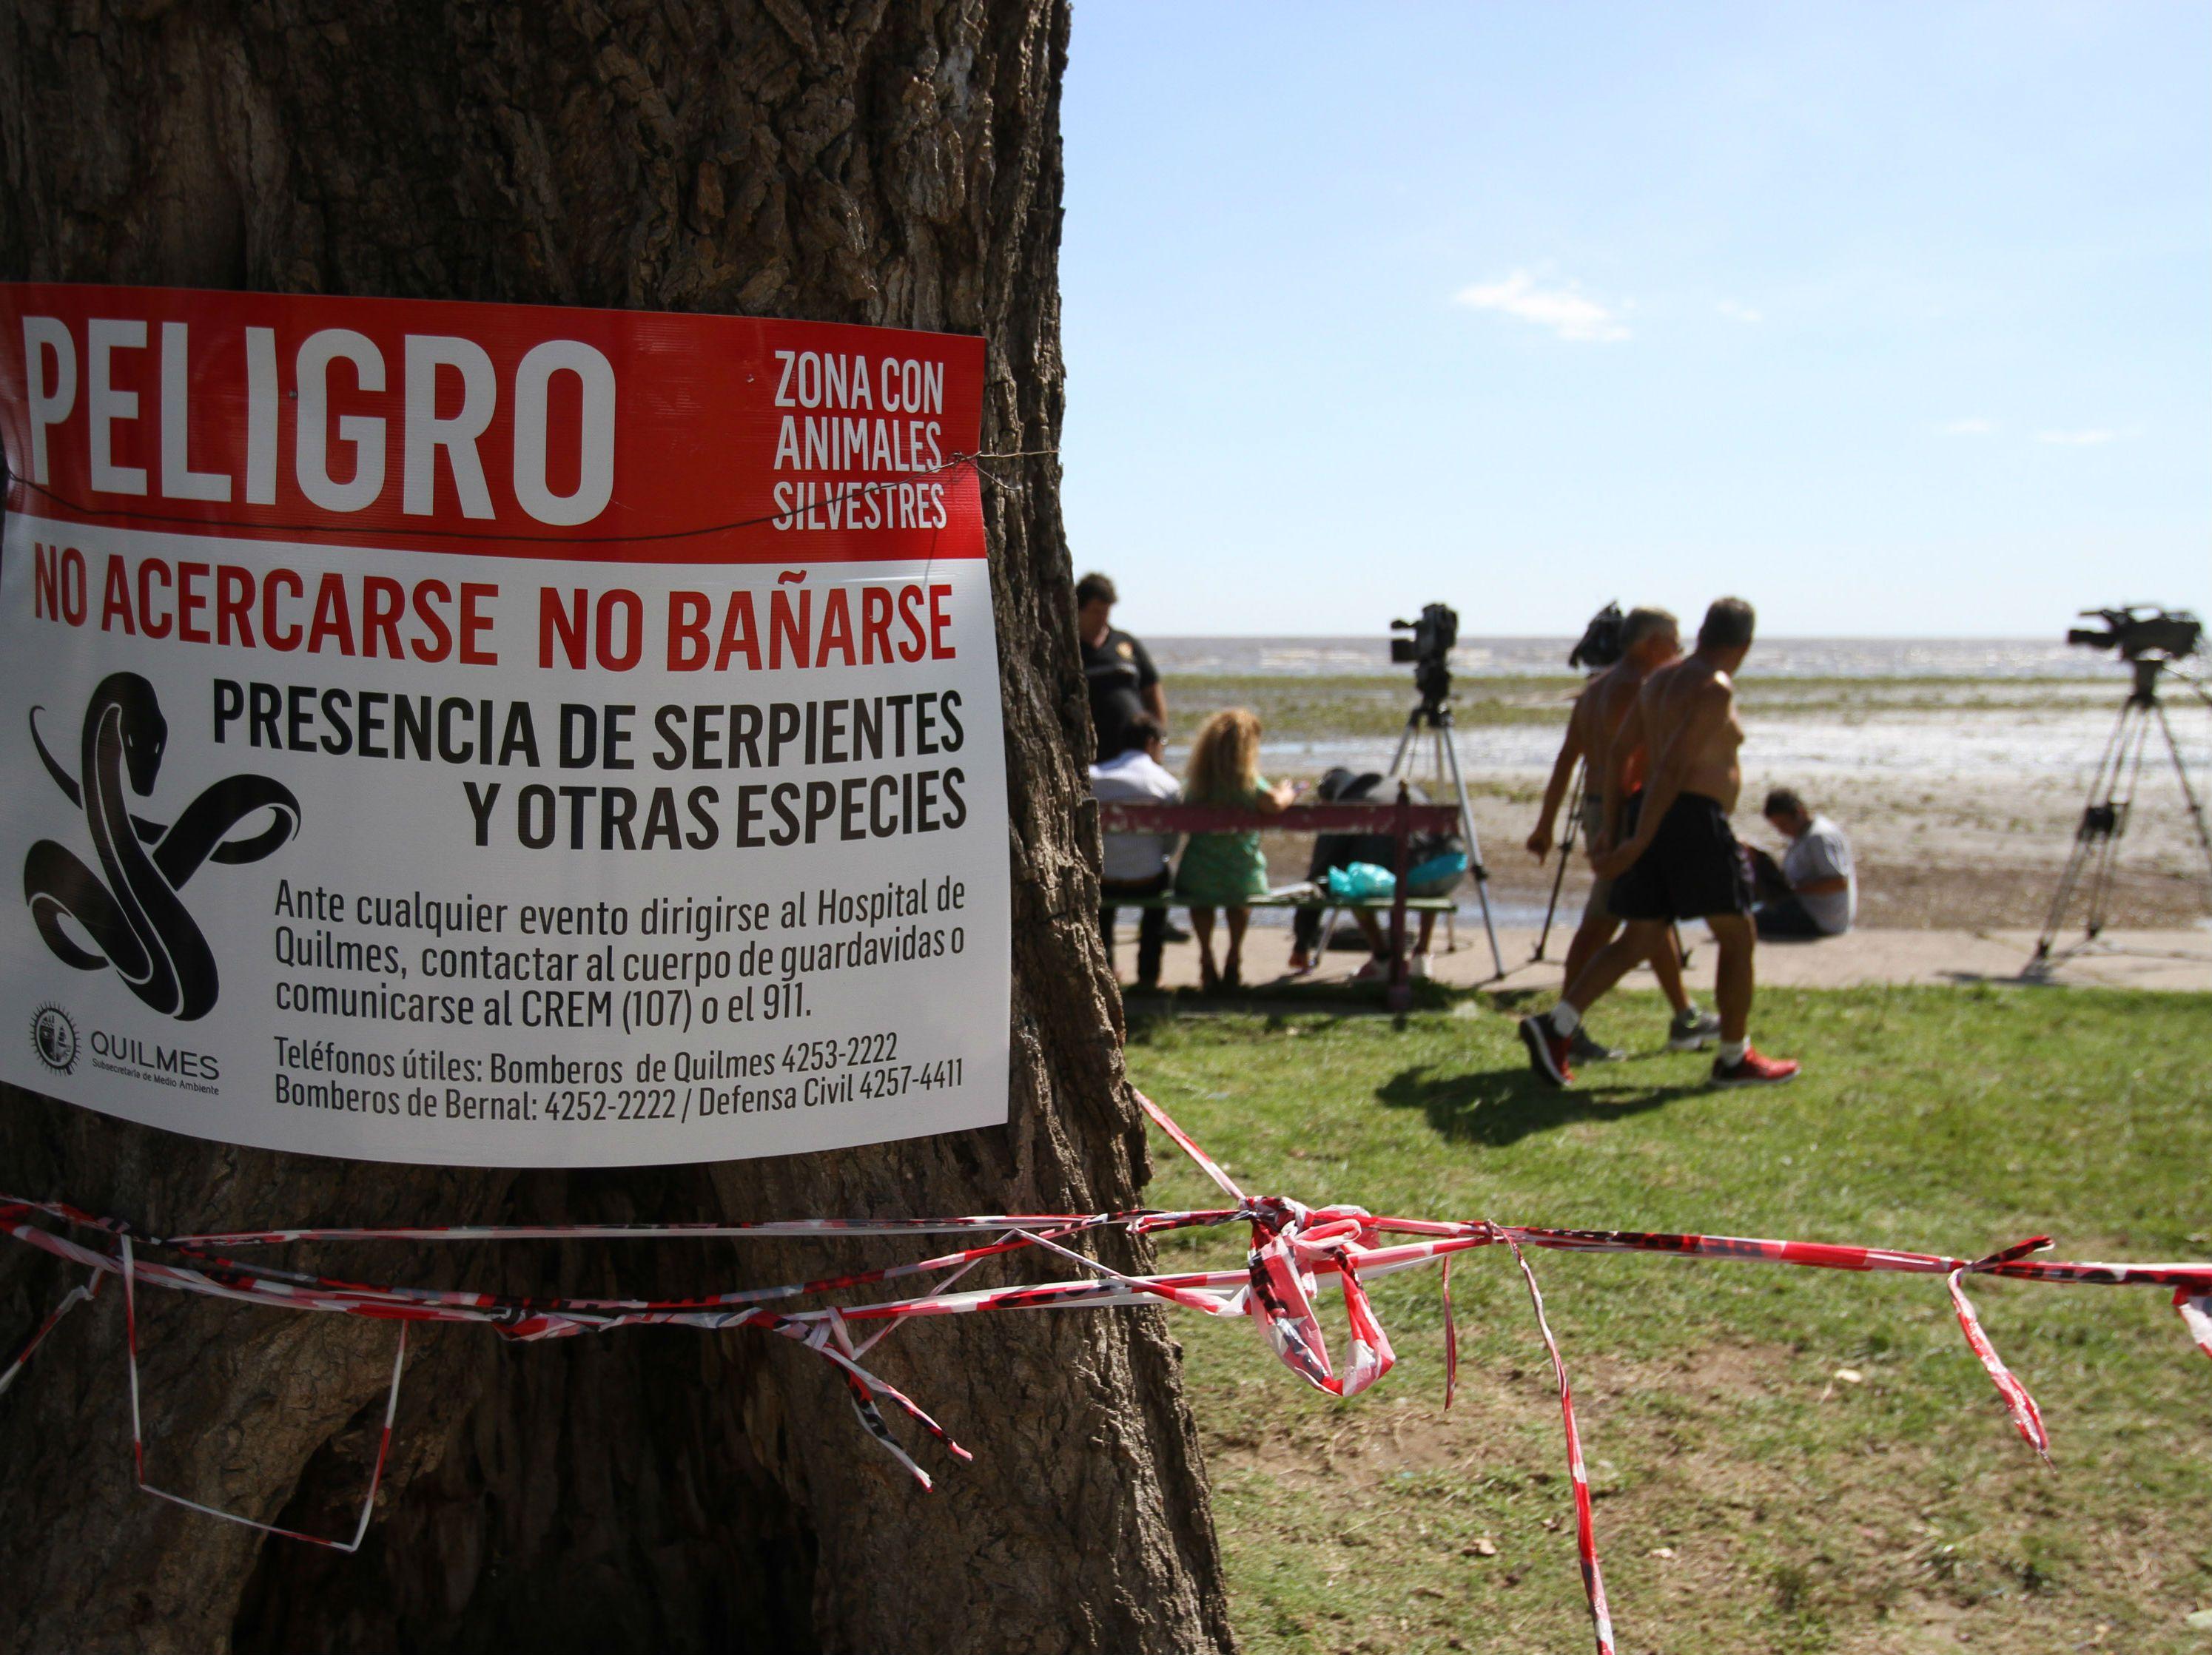 El cuerpo fue hallado en la desembocadura del arroyo Monteagudo